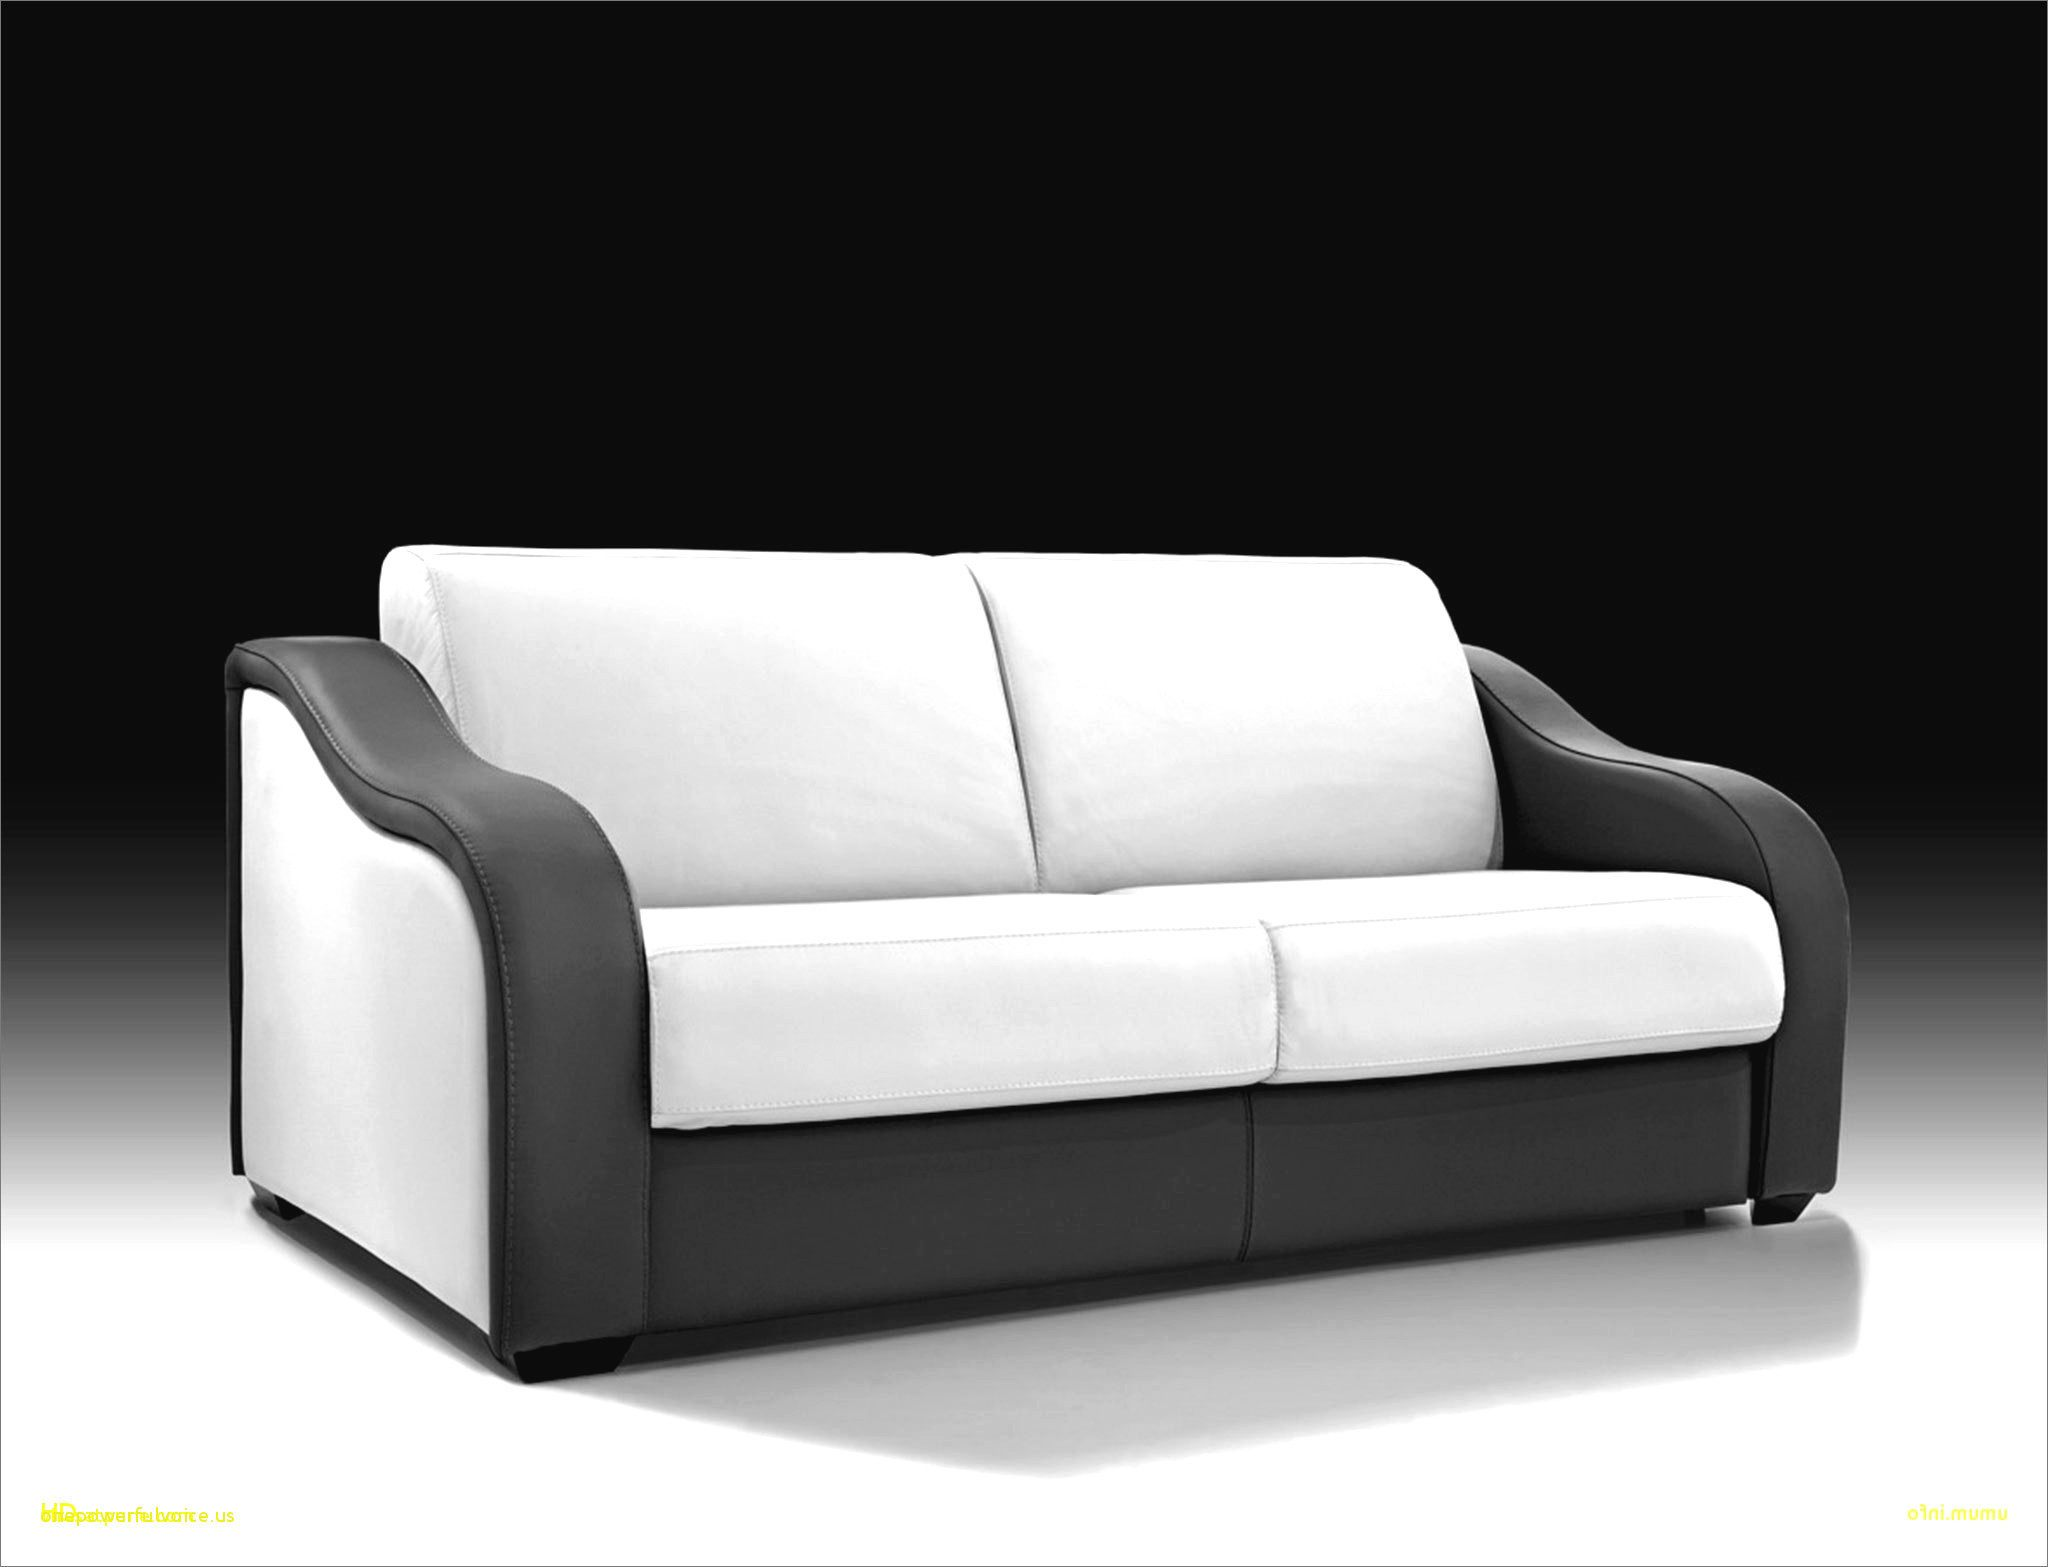 Canapé D Angle Convertible Lit Beau Décoratif Canapé Lit D Angle Convertible Avec Meuble Et Canapé